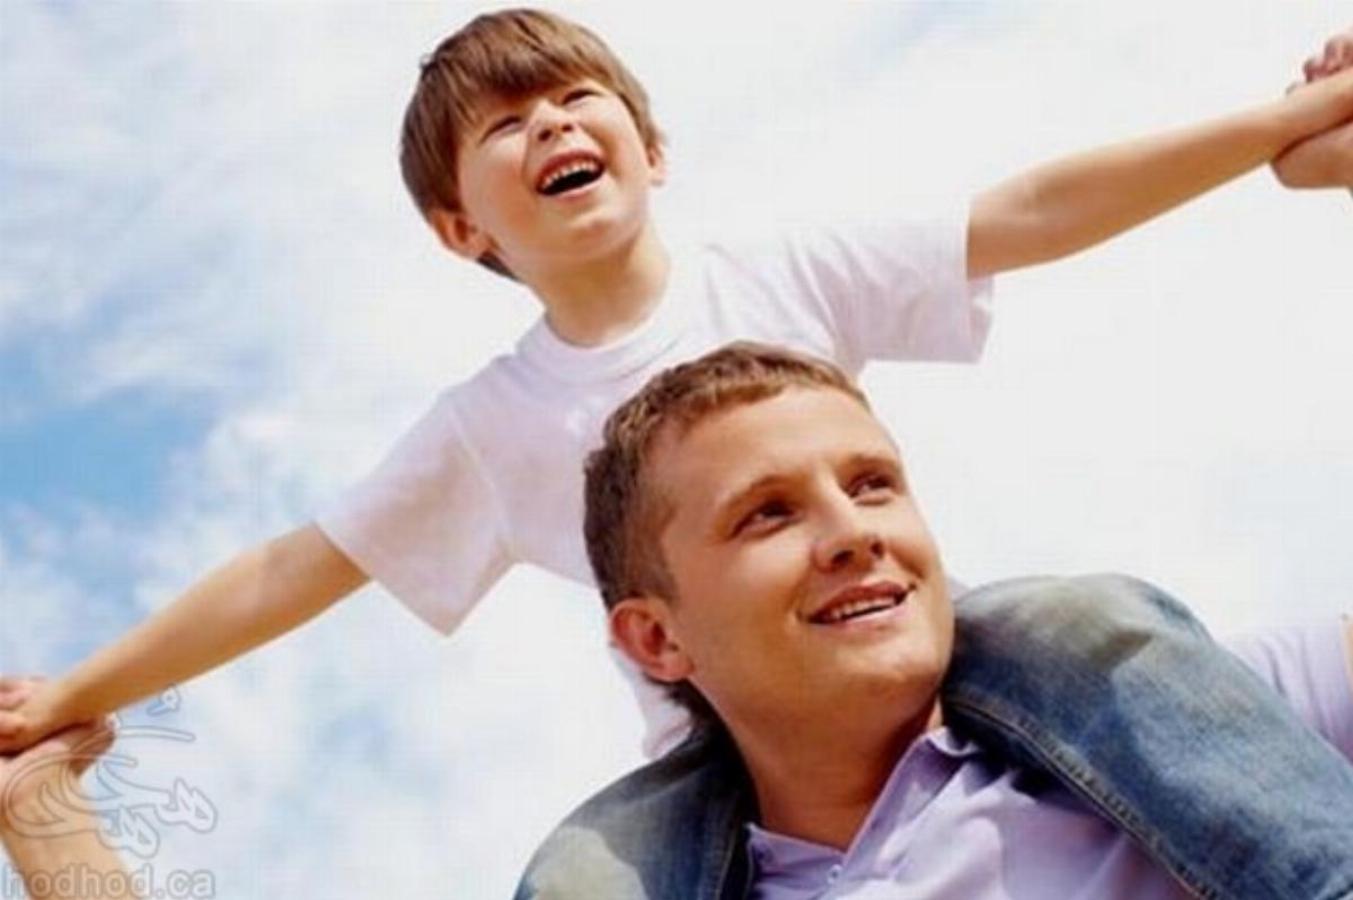 نگاهی نو: نقش پدر در زندگی فرزندان